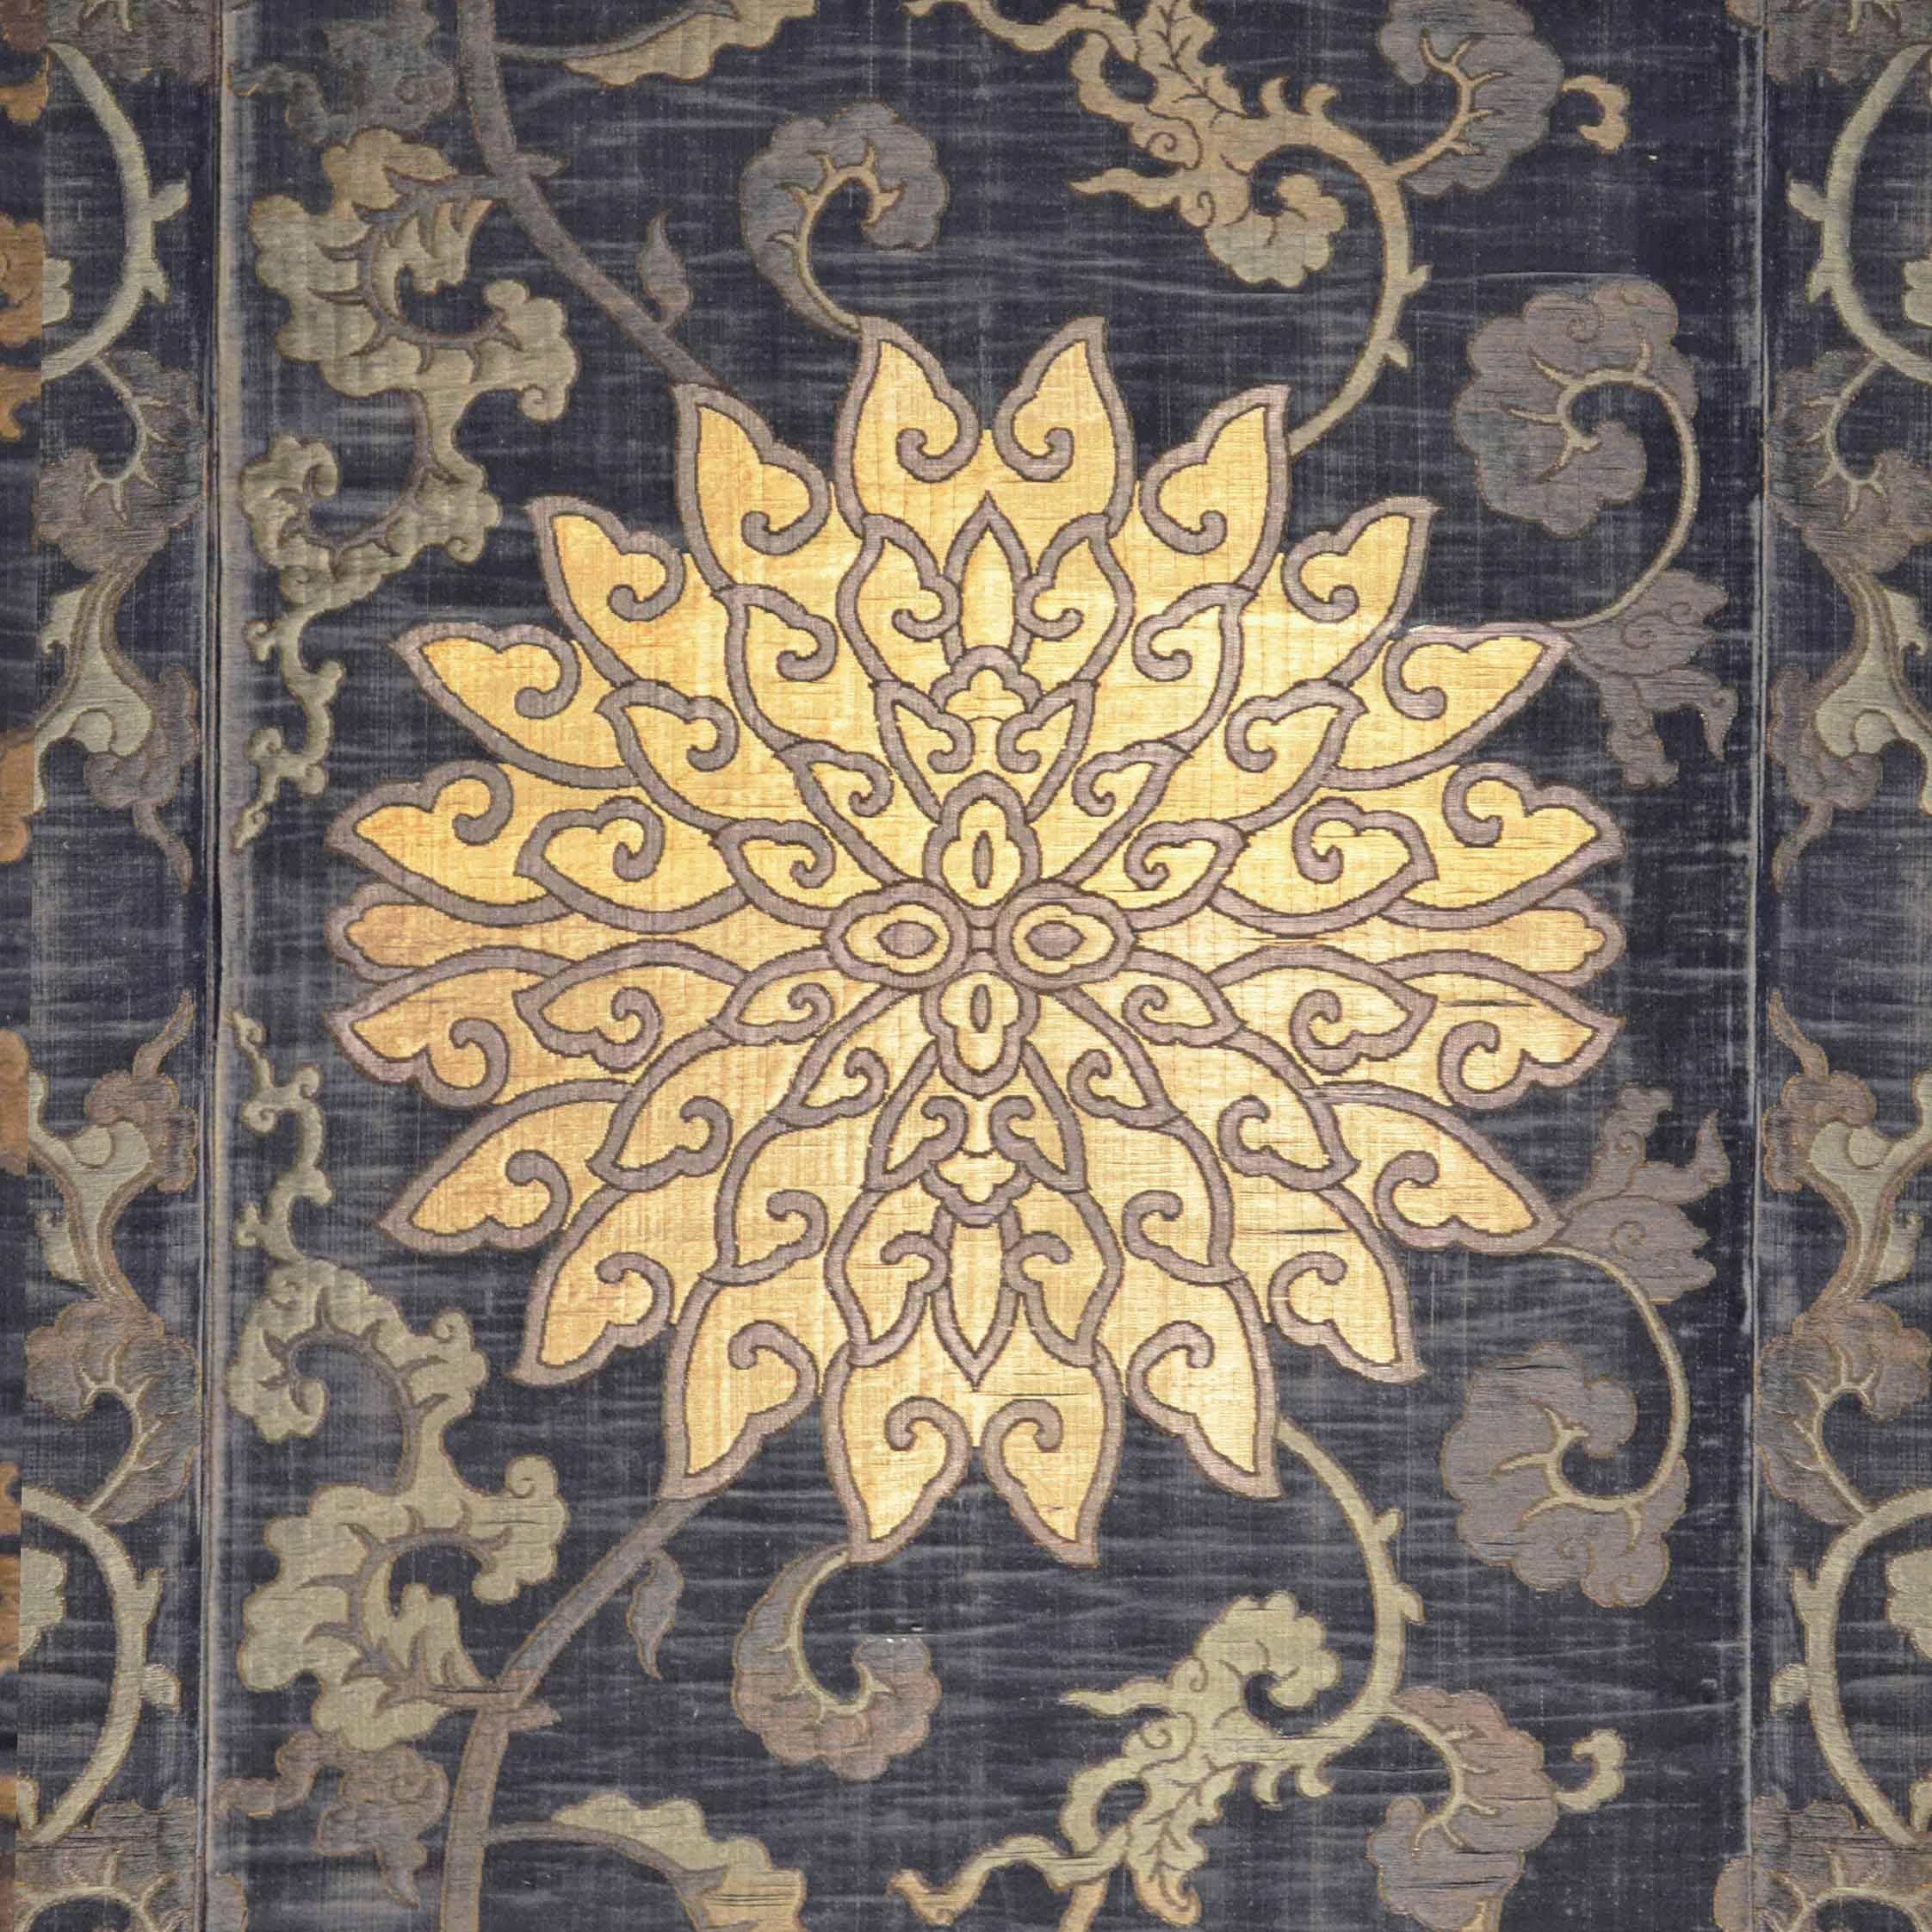 MAO_Il drago e il fiore_3 (1)